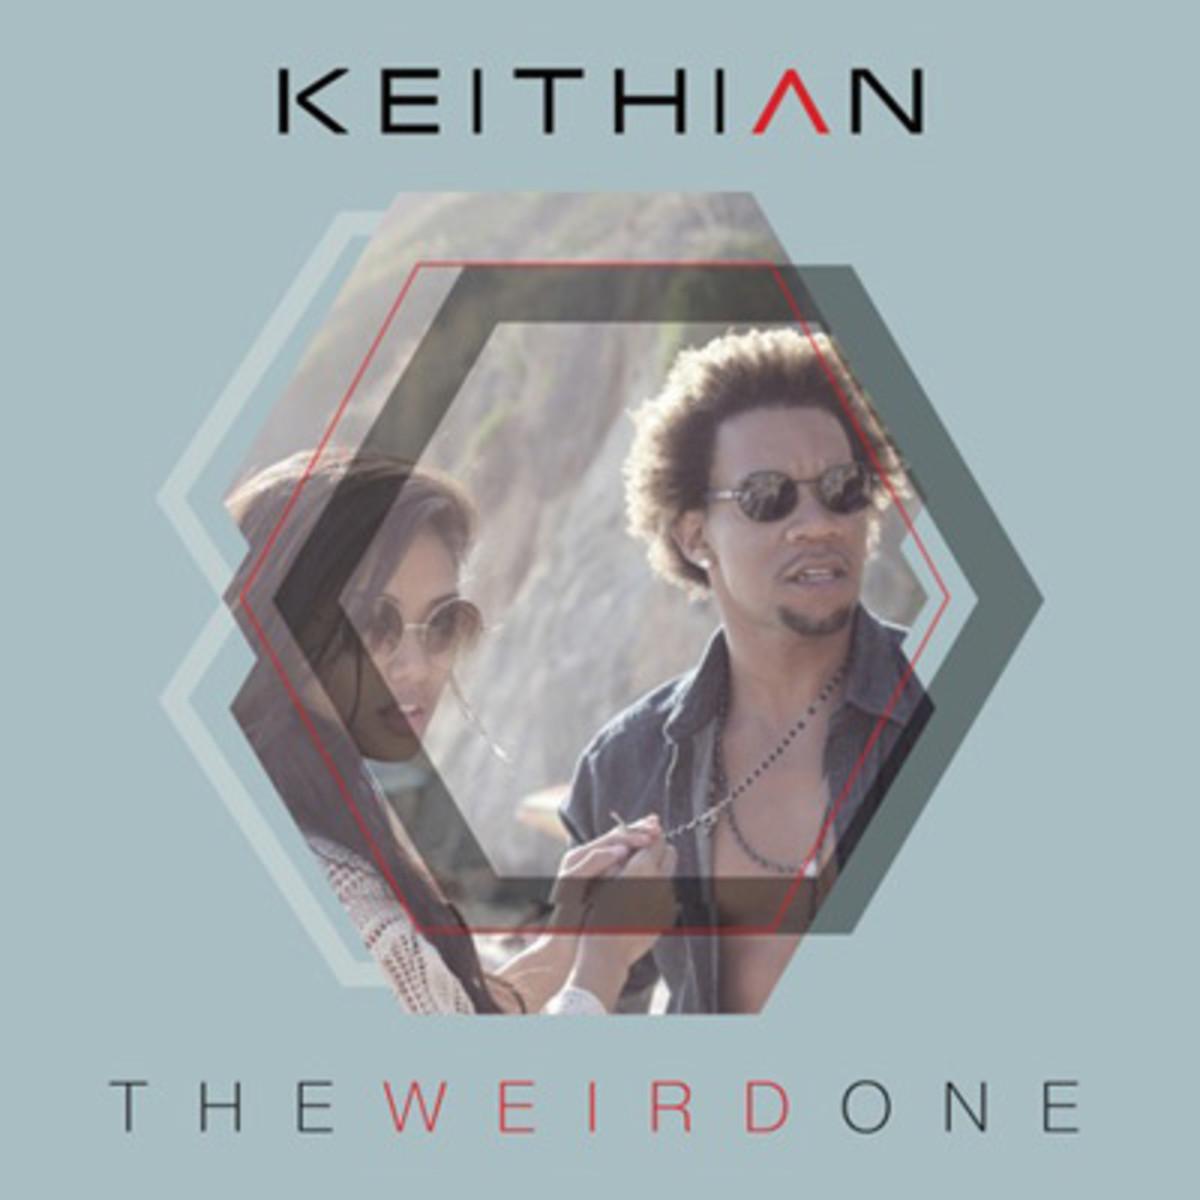 keithian-theweirdone.jpg